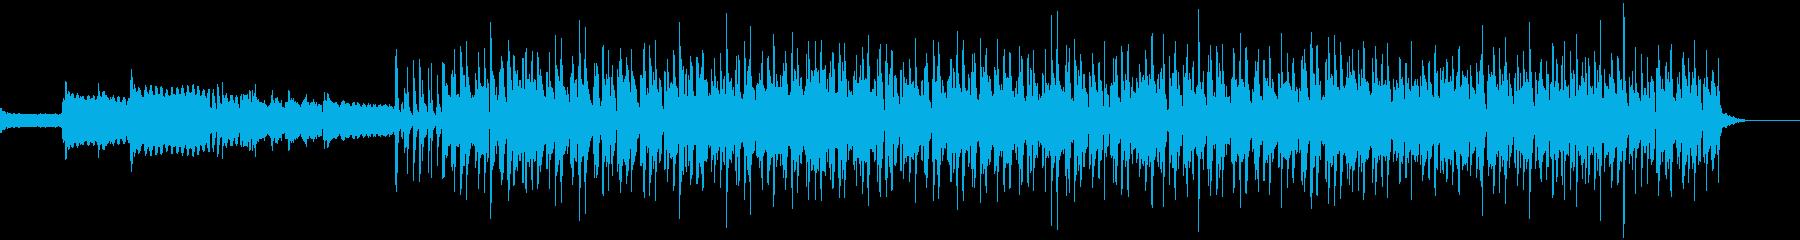 尺八とエレクトリックポップスの融合の再生済みの波形